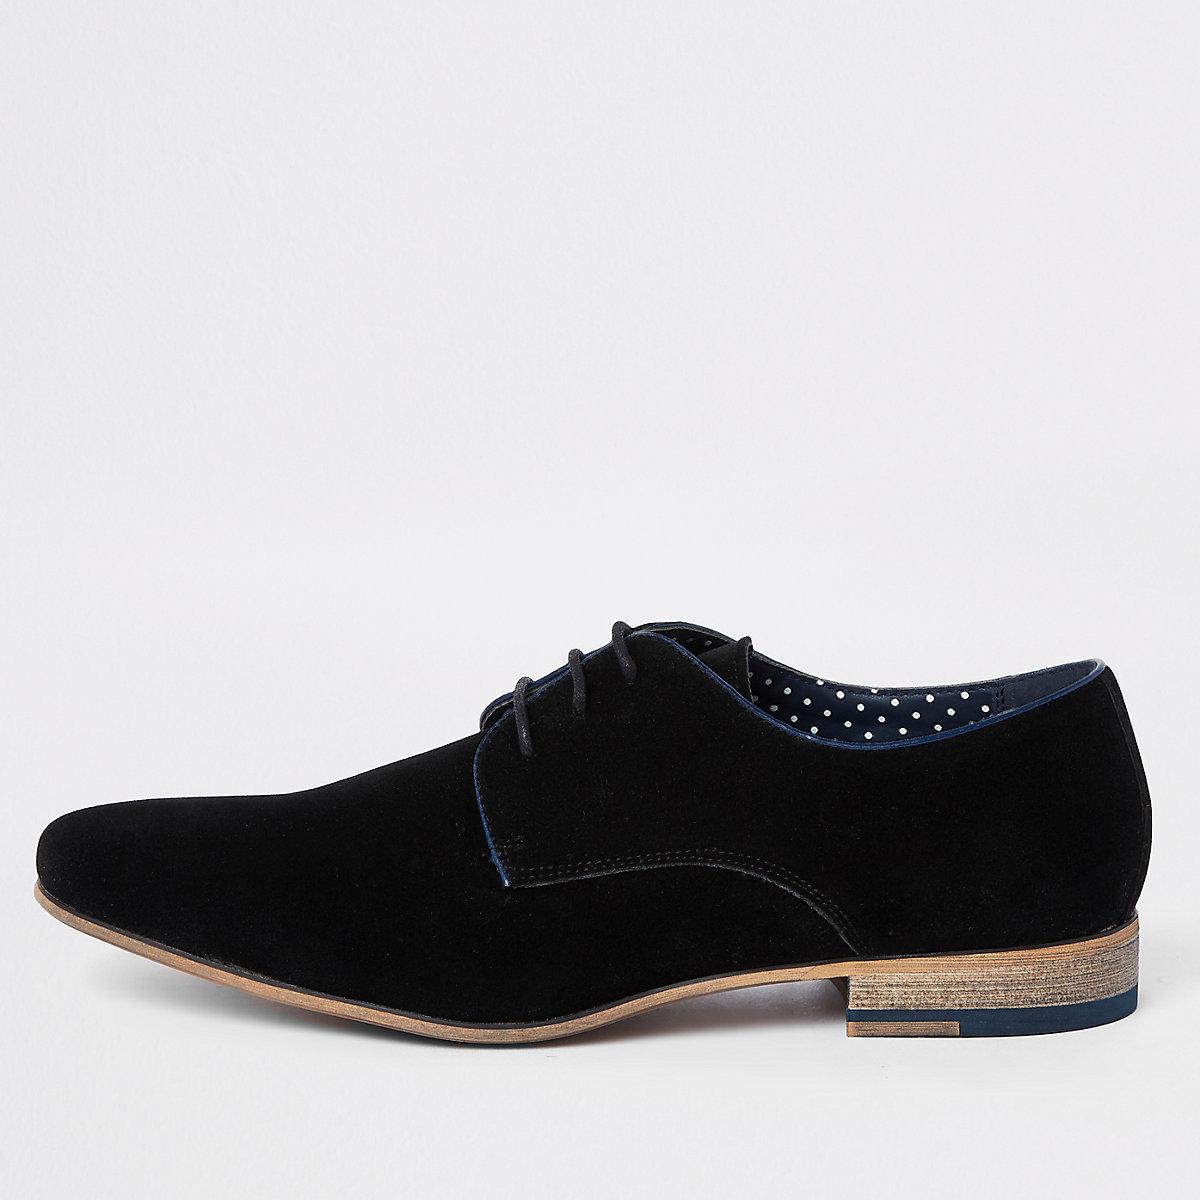 Black lace-up derby shoes